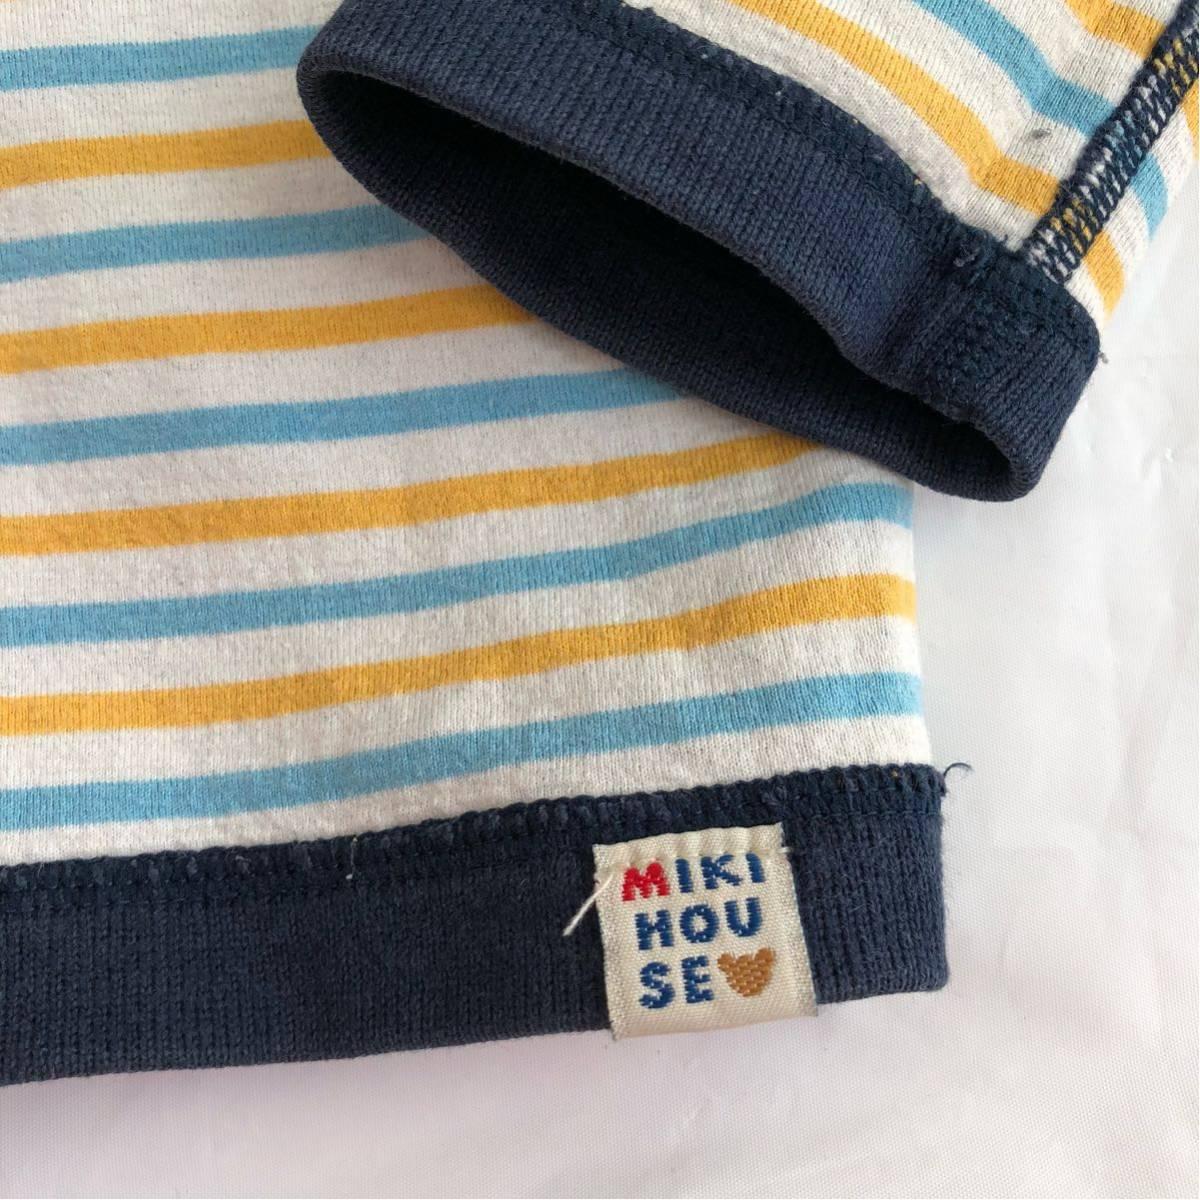 9f59c3c4daa2e ミキハウスMIKIHOUSE 厚手リバーシブルカーディガン男の子90 紺ネイビー黄色ボーダーベビーキッズプッチートレーナートップス. 商品數量  :1